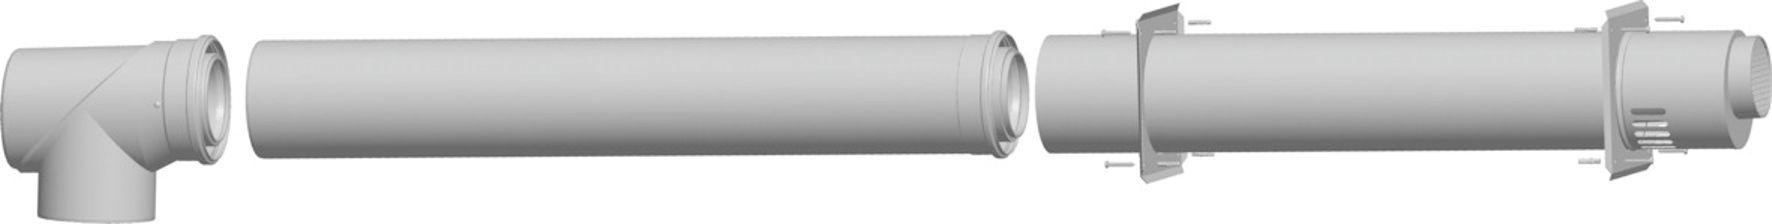 Дымоход коаксиальный для котла WOLF CGB-75/100